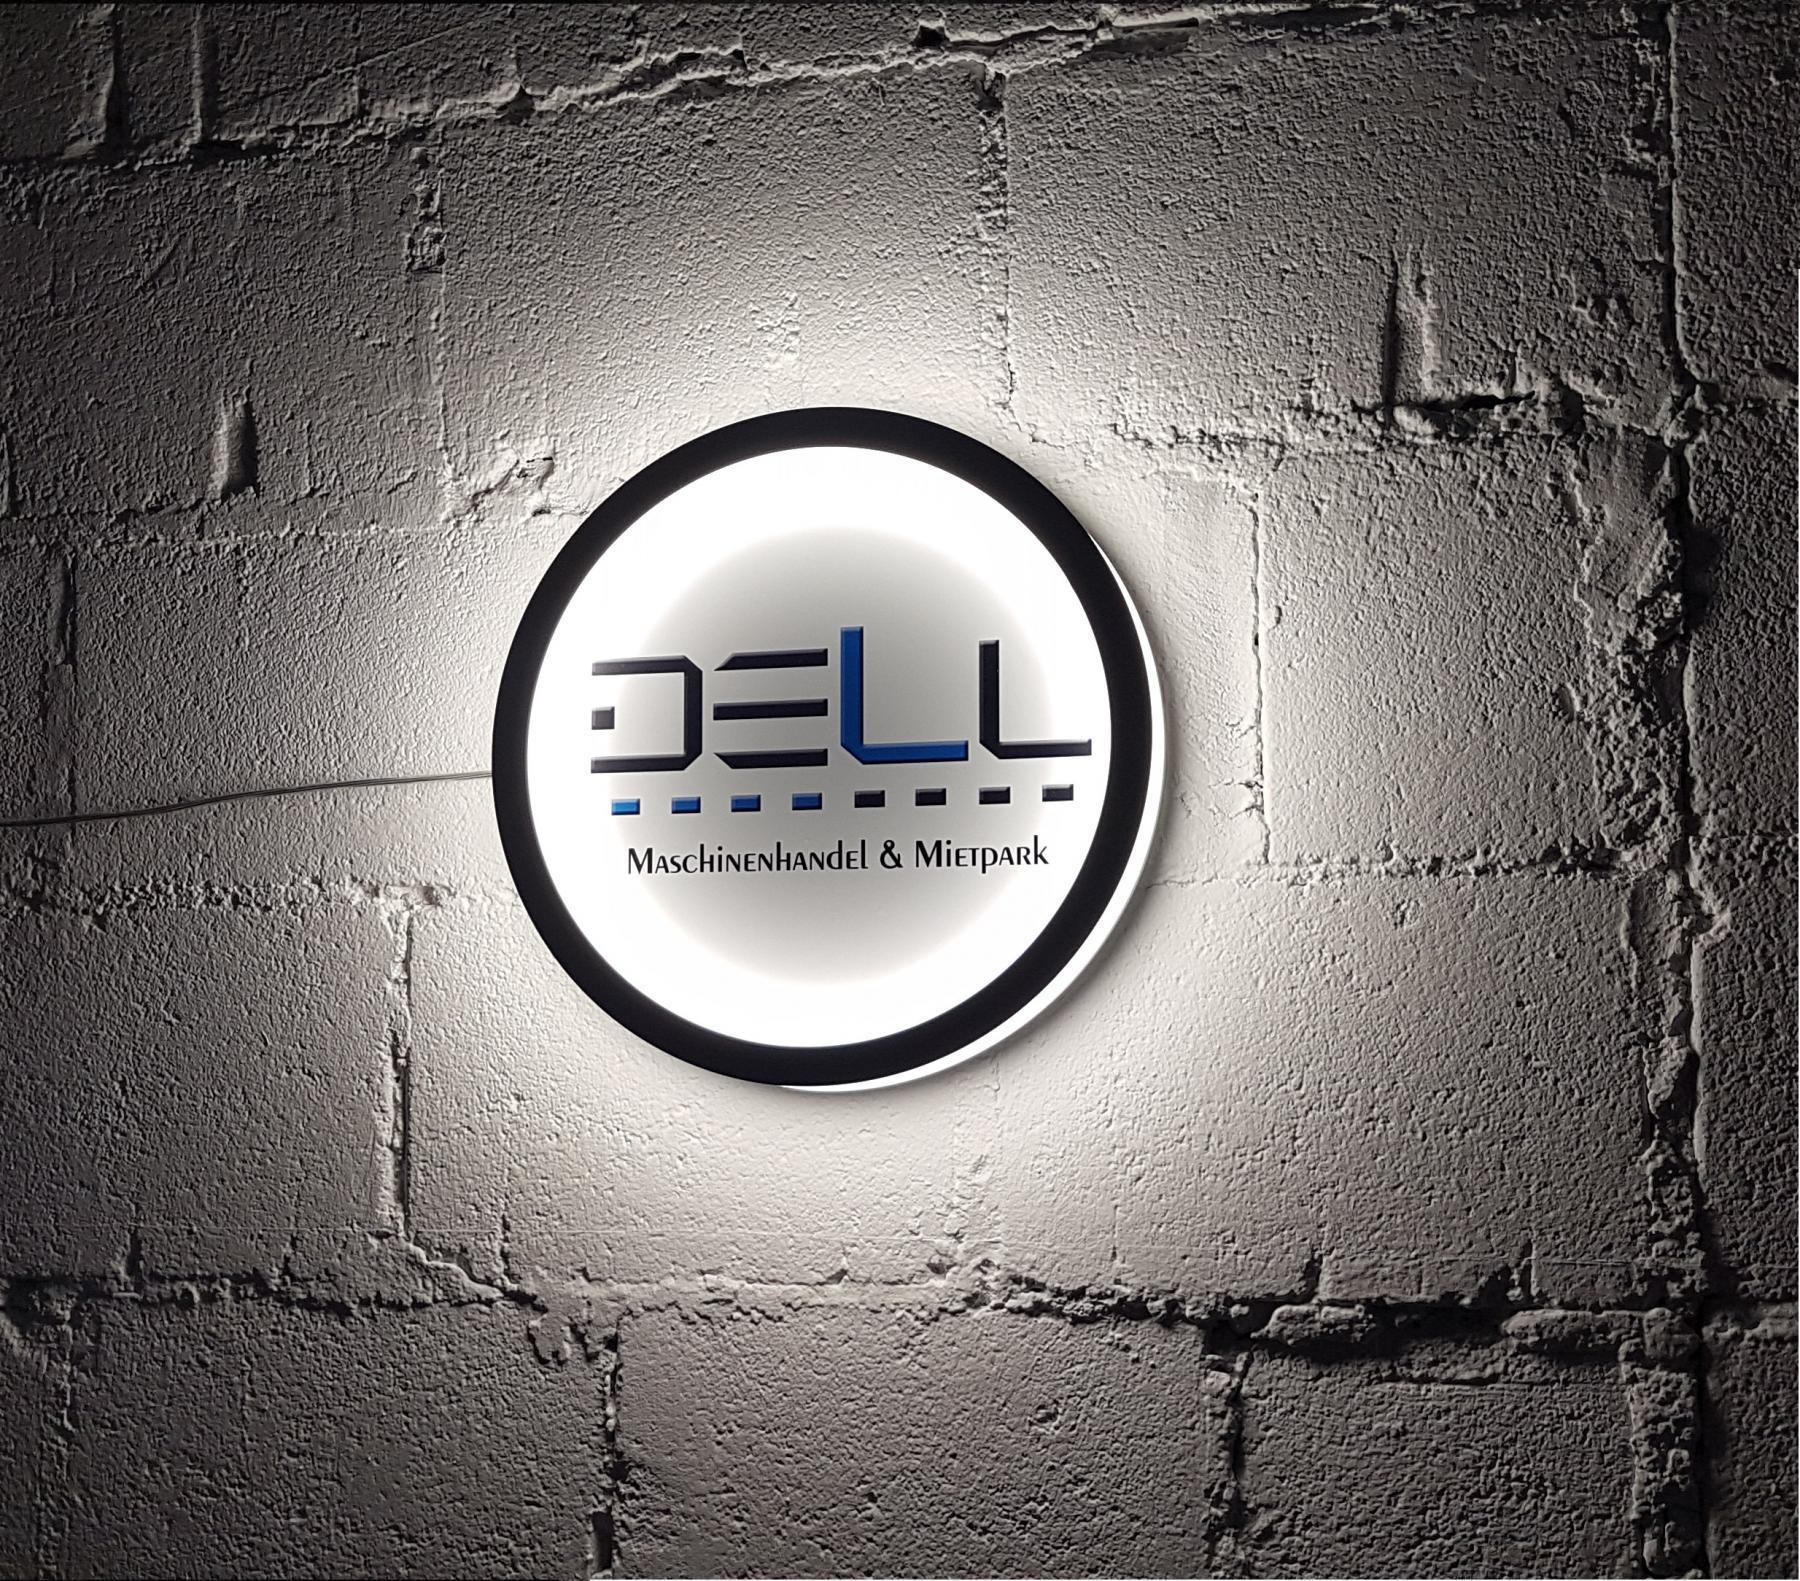 DELL Maschinenhandel & Mietpark Im Jahr 2016 wurde die Firma DELL Maschinenhandel & Mietpark vom Inhaber Eugen Dell gegründet.